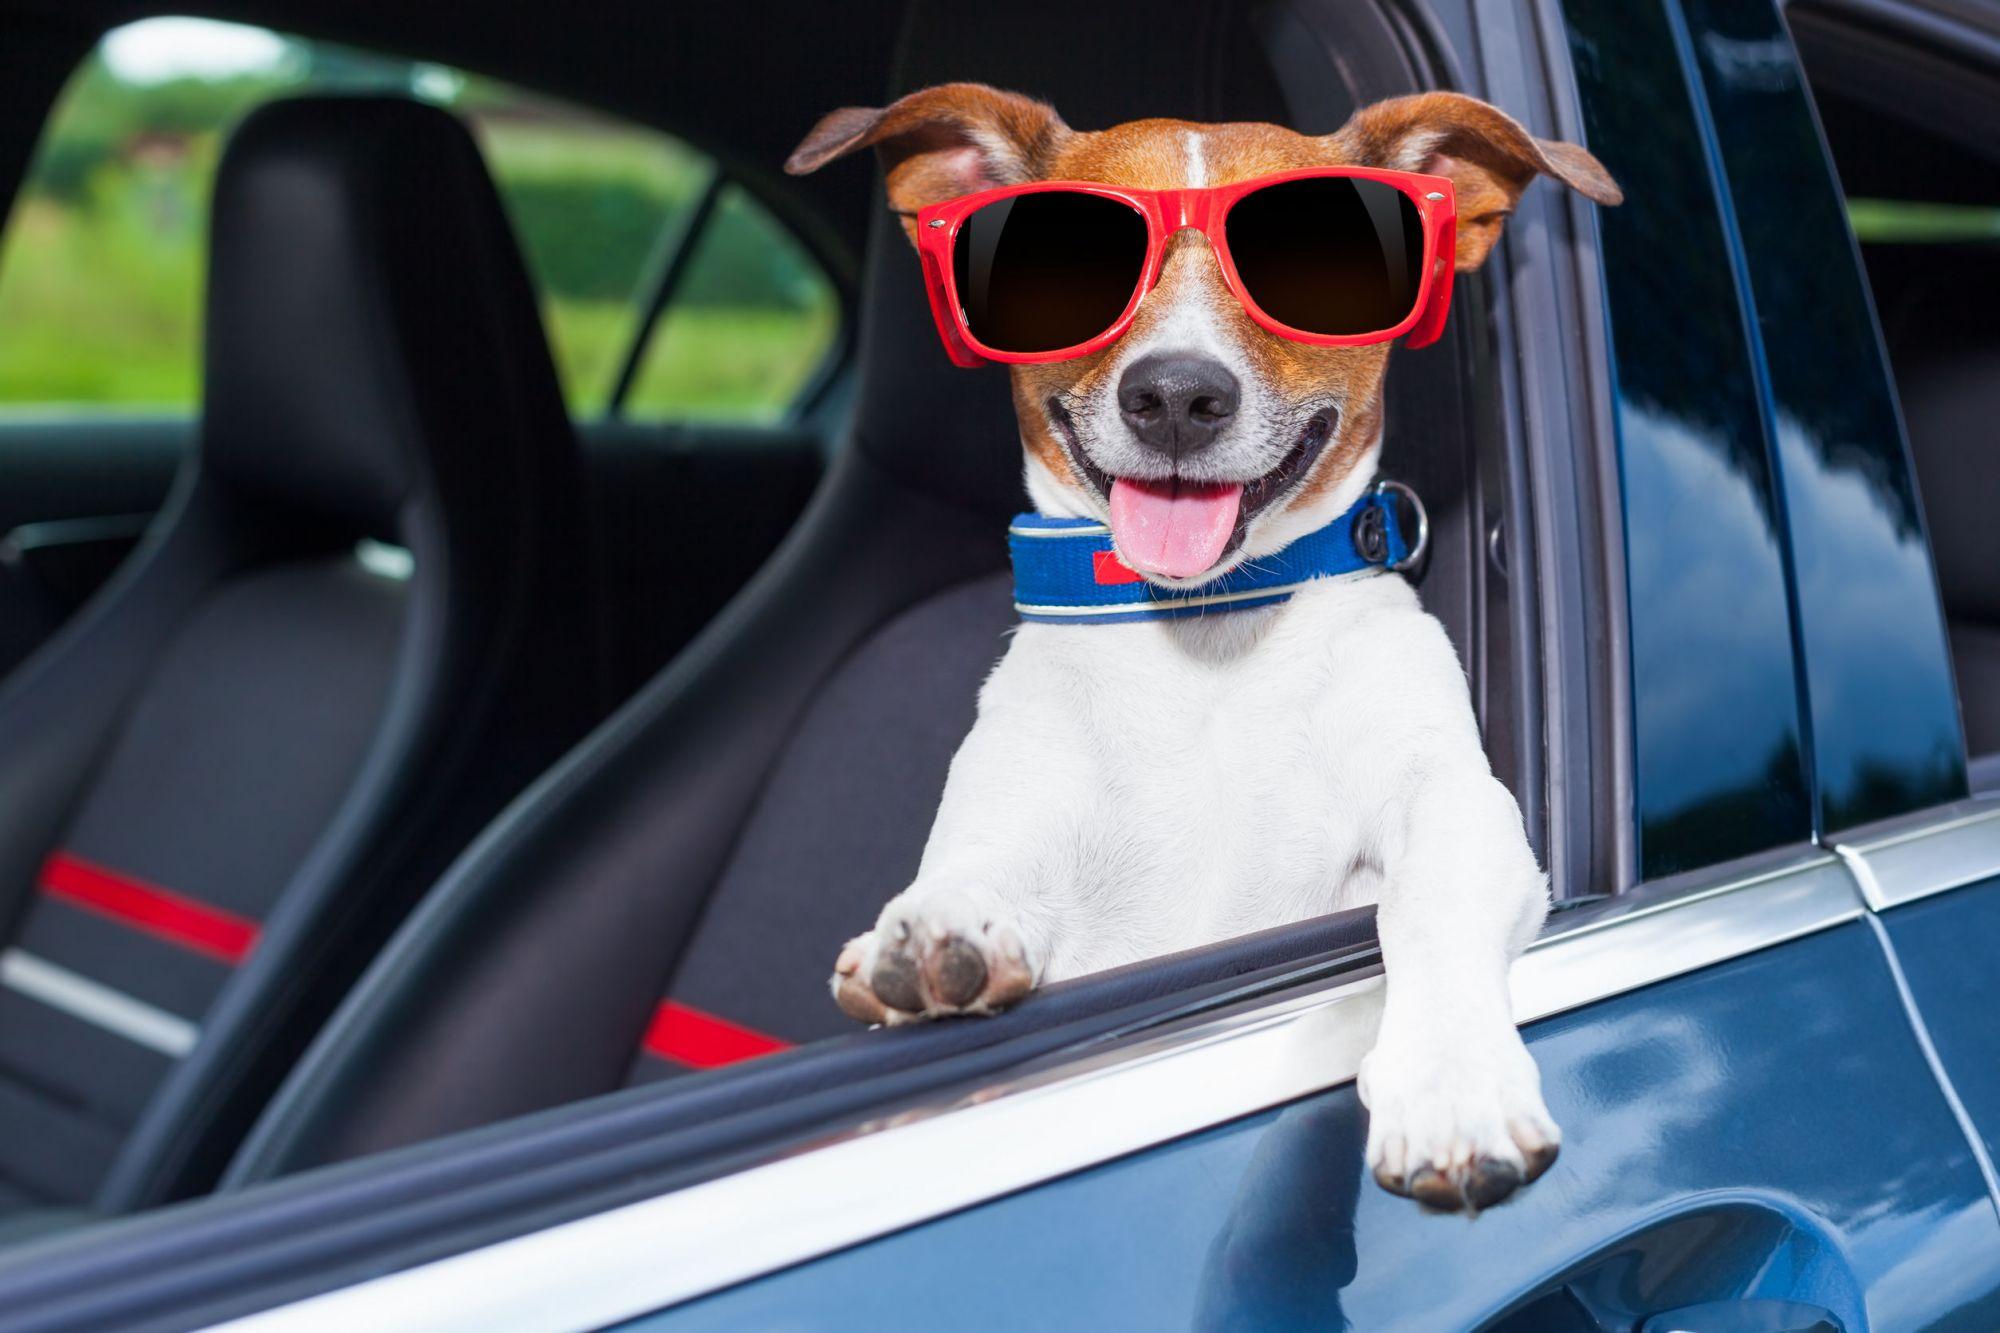 Si avvicinano le vacanze, viaggiare sicuri in auto col cane: qualche consiglio